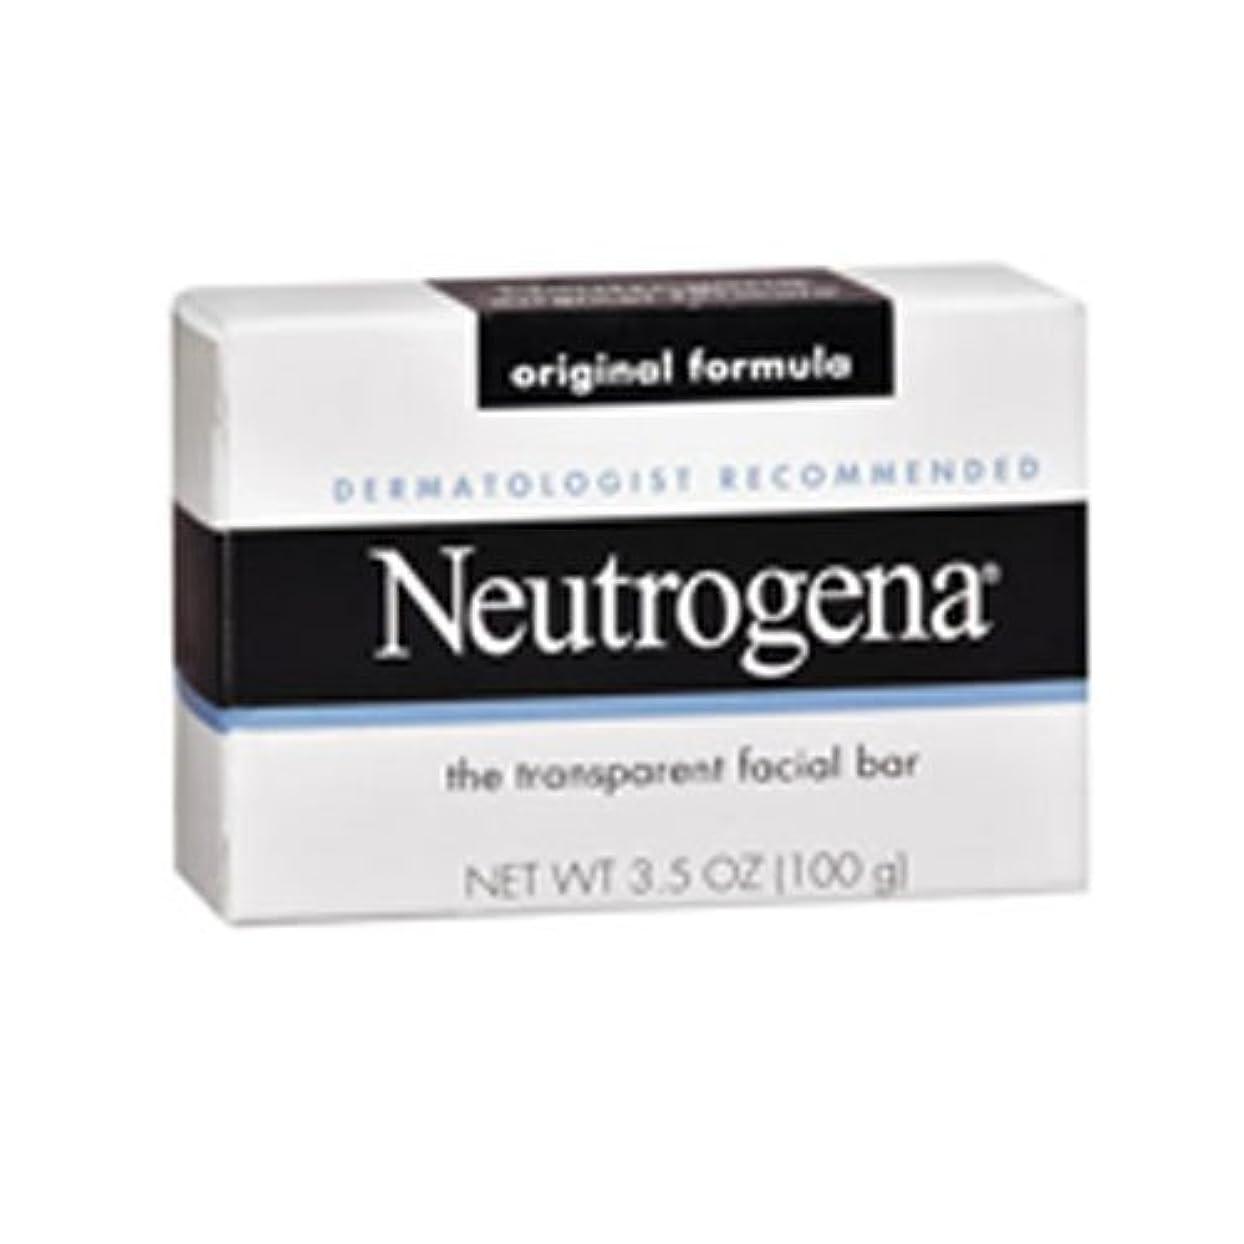 パーチナシティパワーセル誤って海外直送肘 Neutrogena Transparent Facial Soap Bar, 3.5 oz